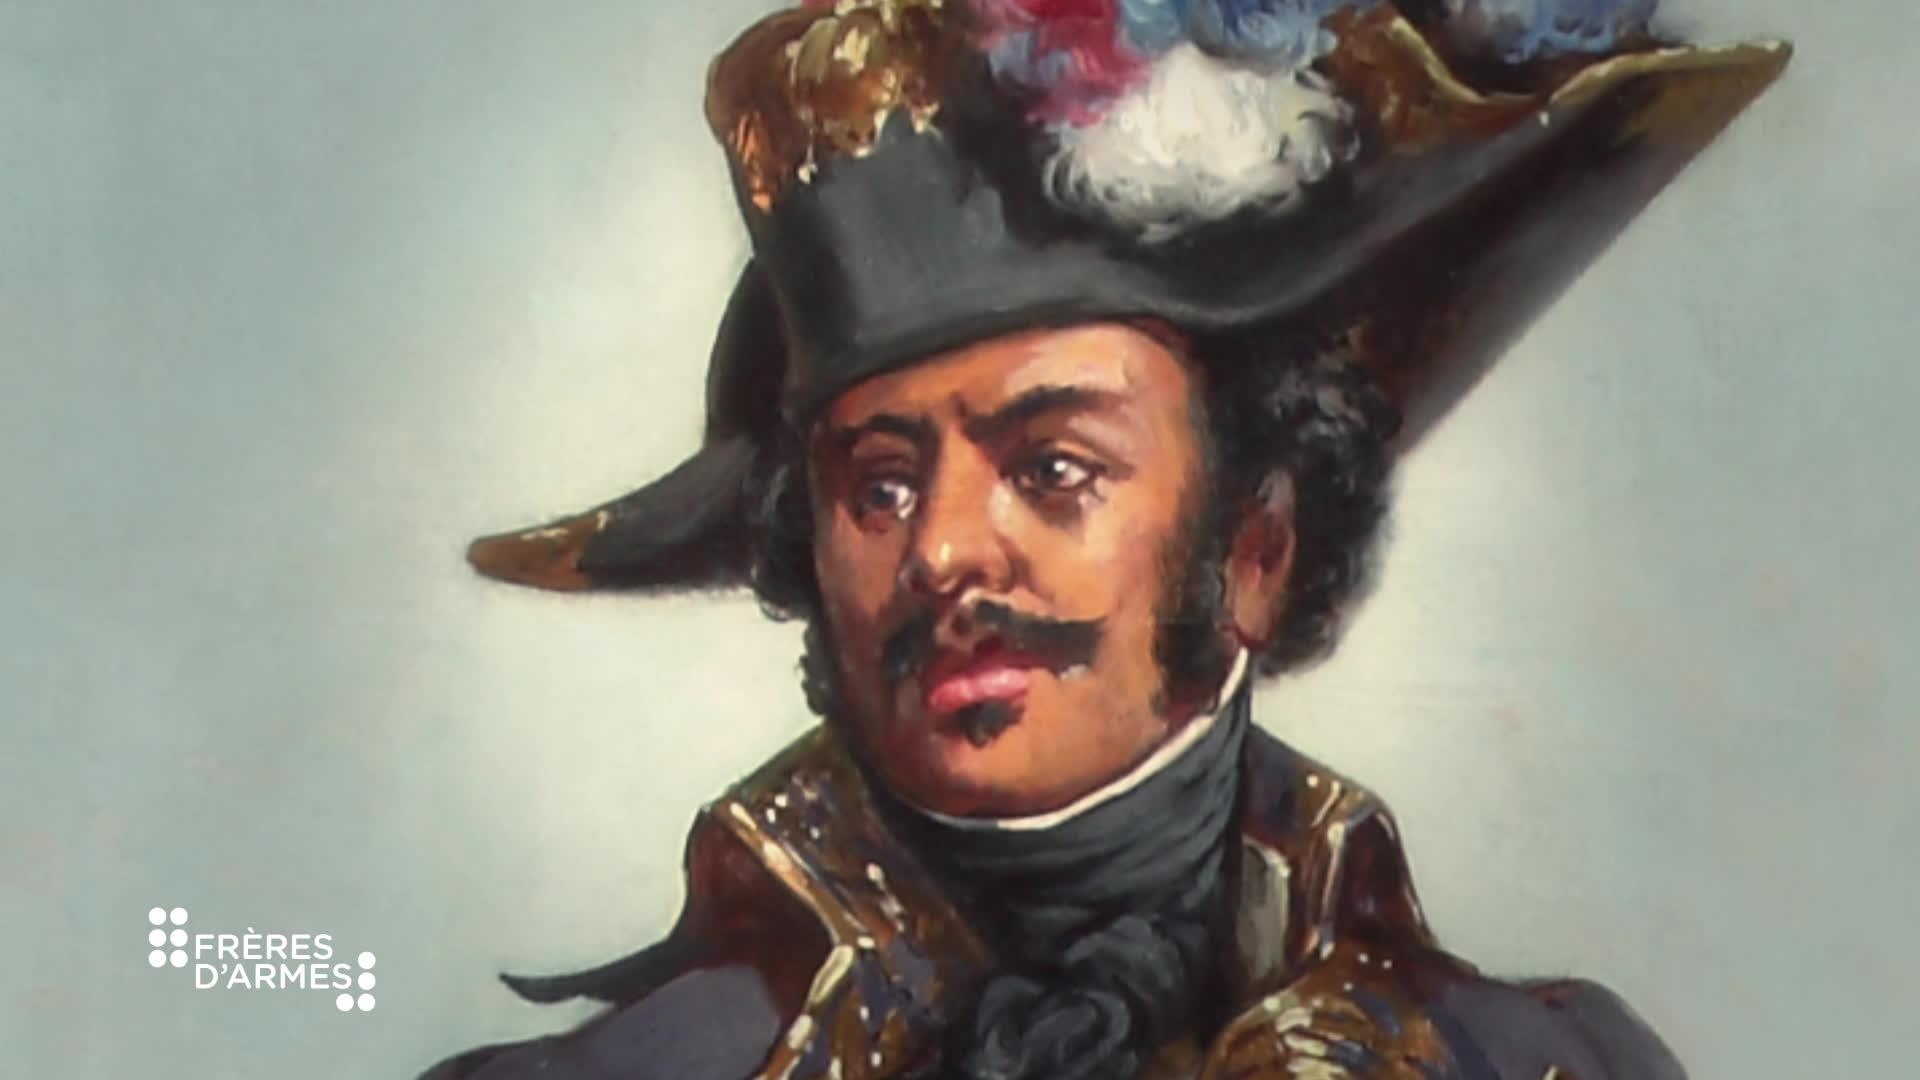 Le général Dumas, raconté par Thomas Ngijol